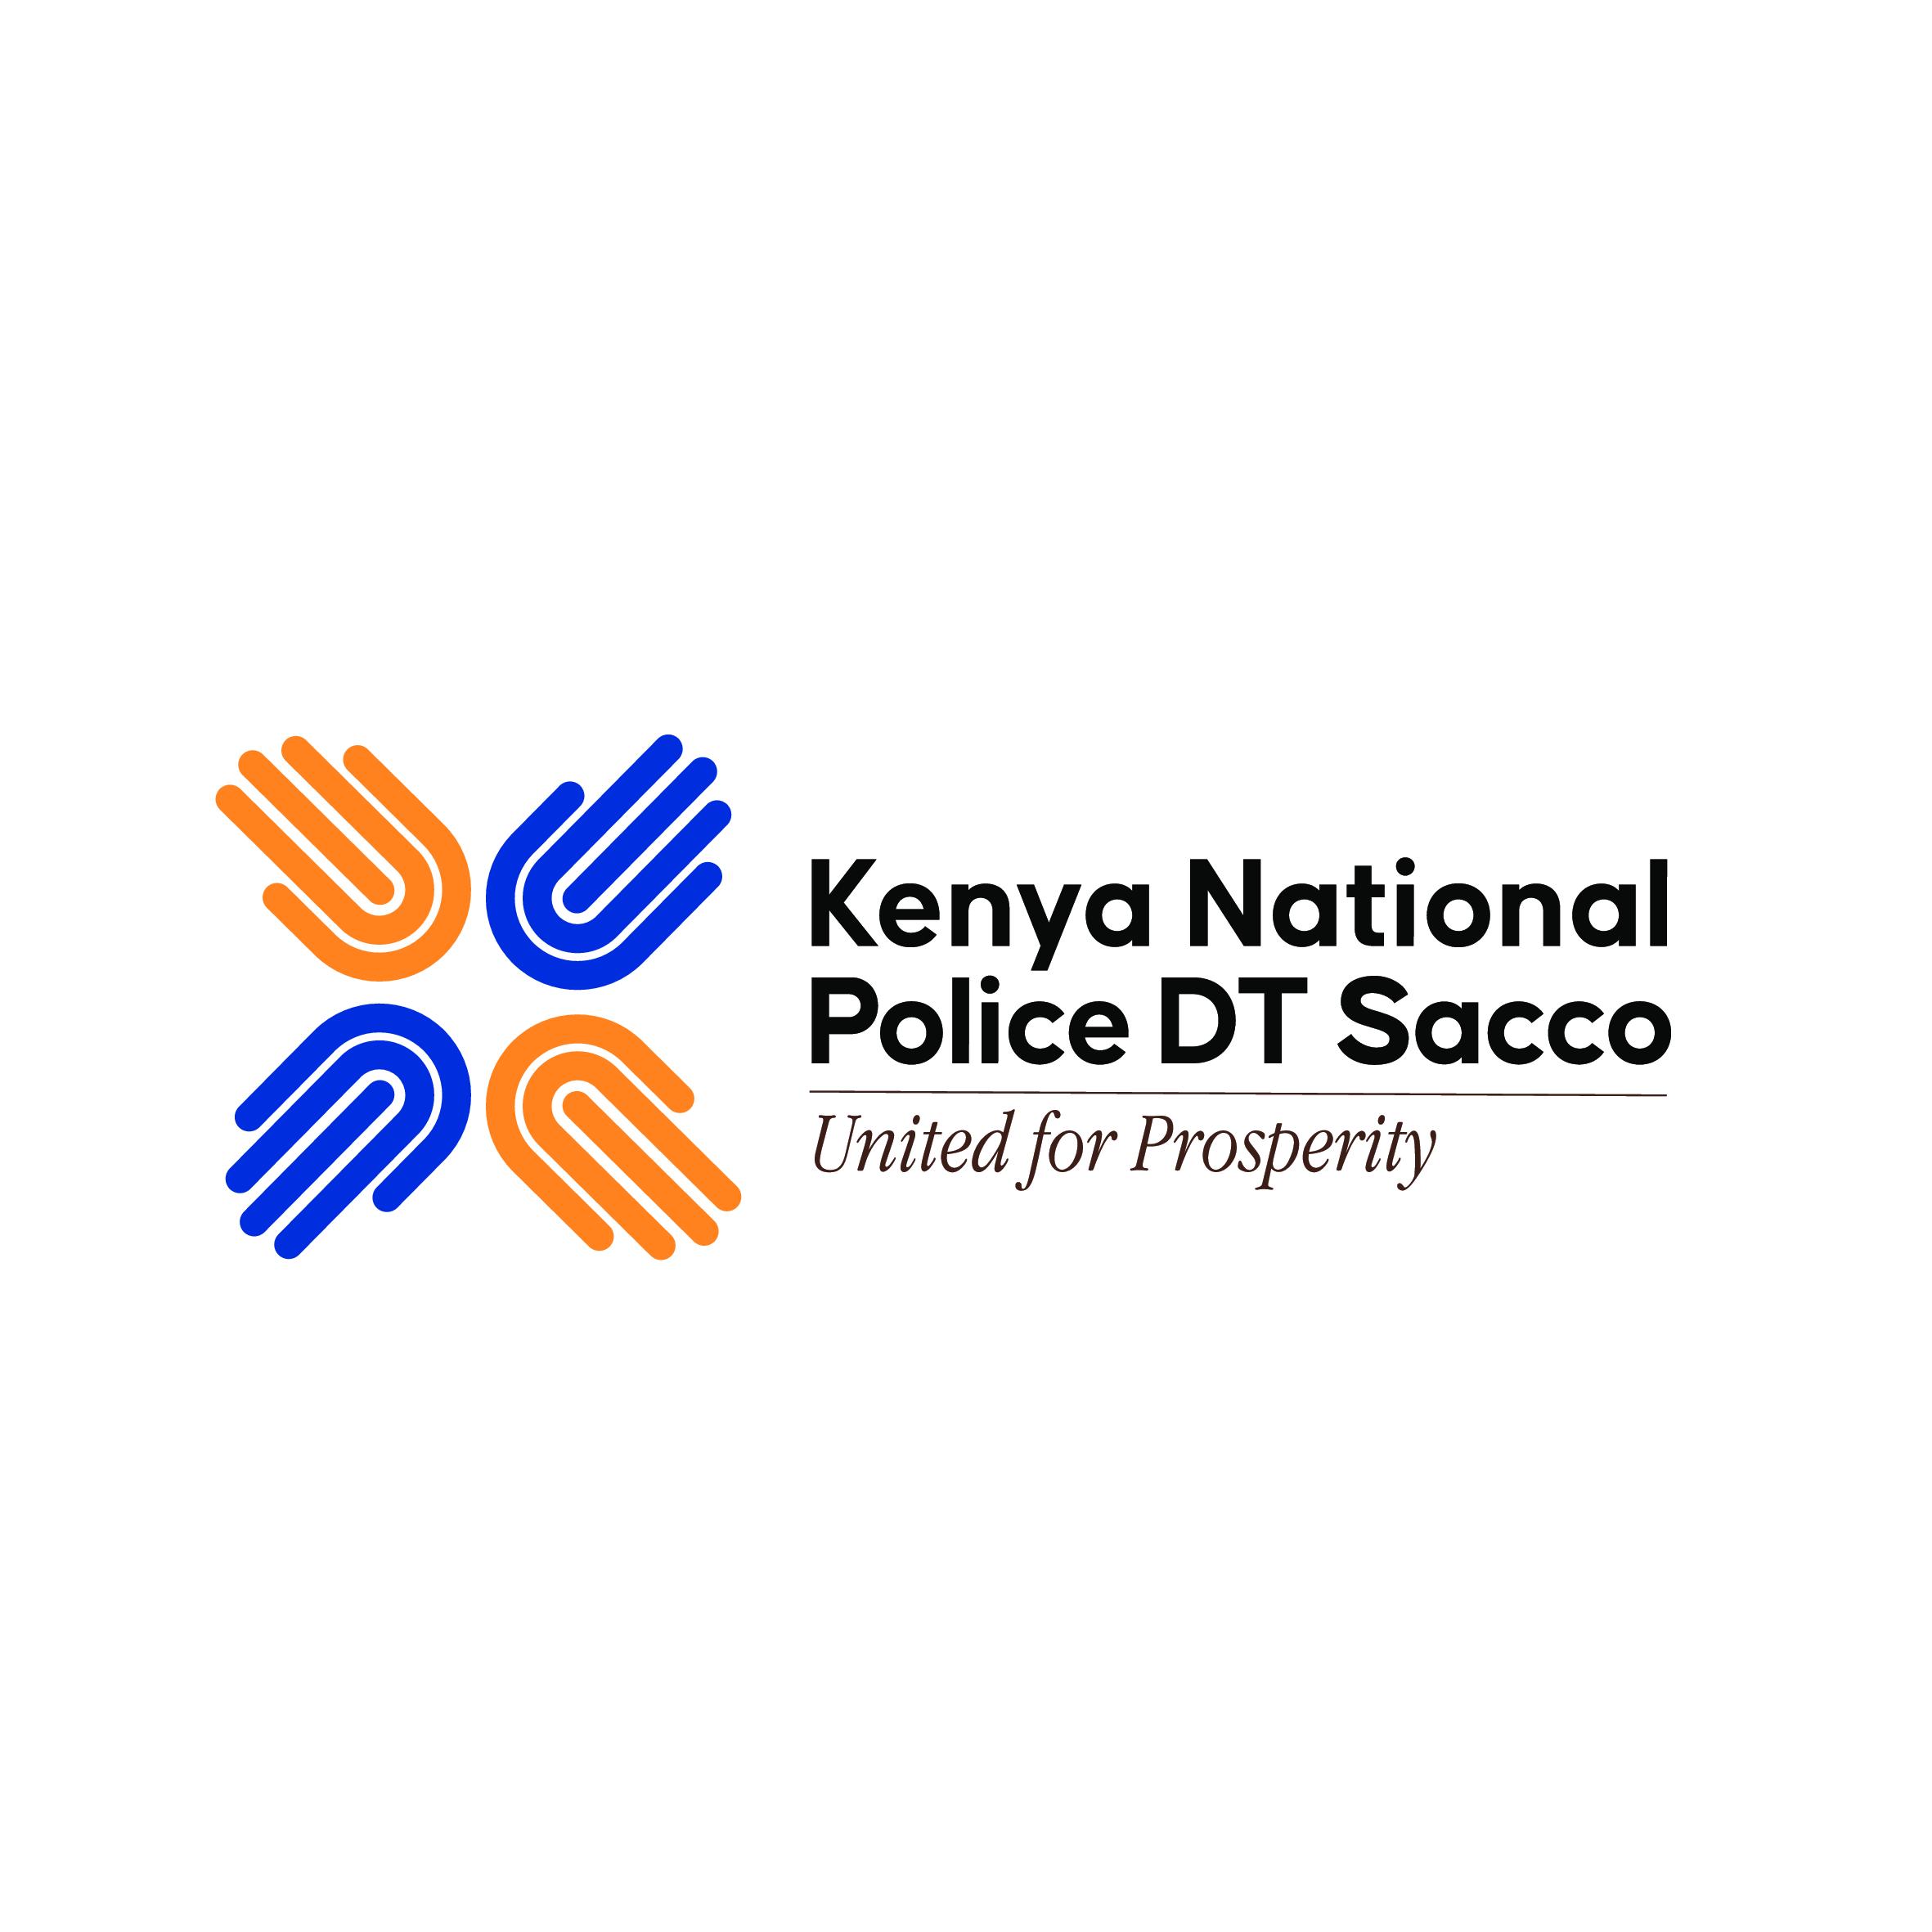 Kenya National Police DT SACCO